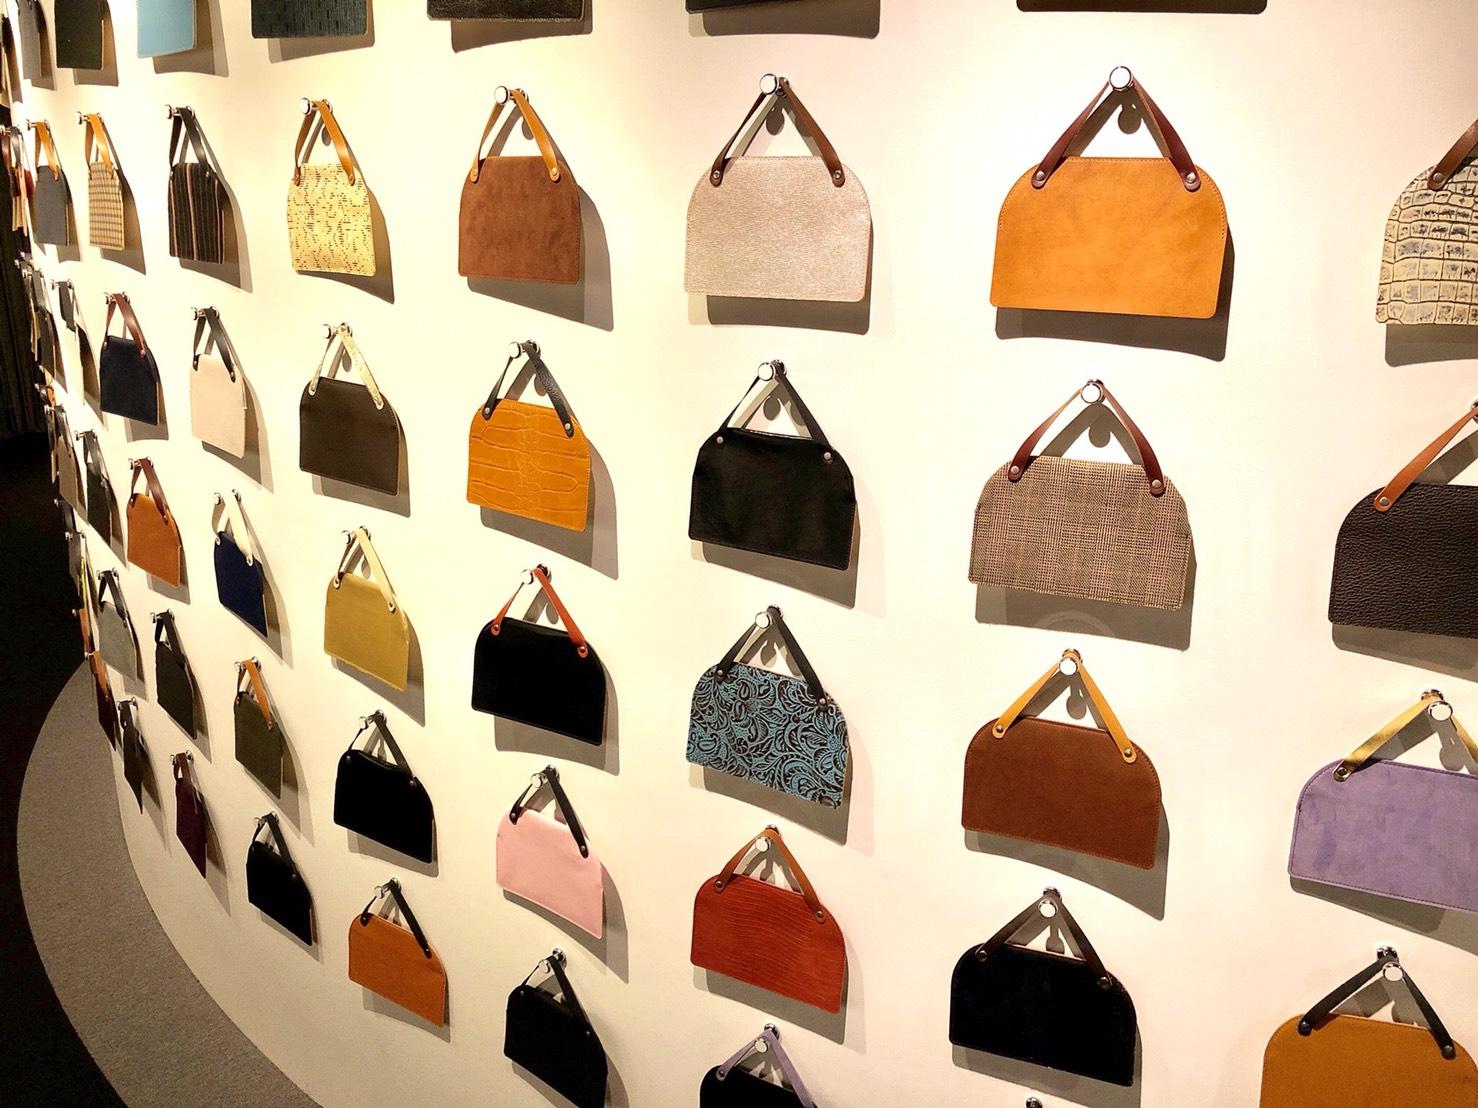 可愛い鞄のオブジェ(世界のカバン博物館)